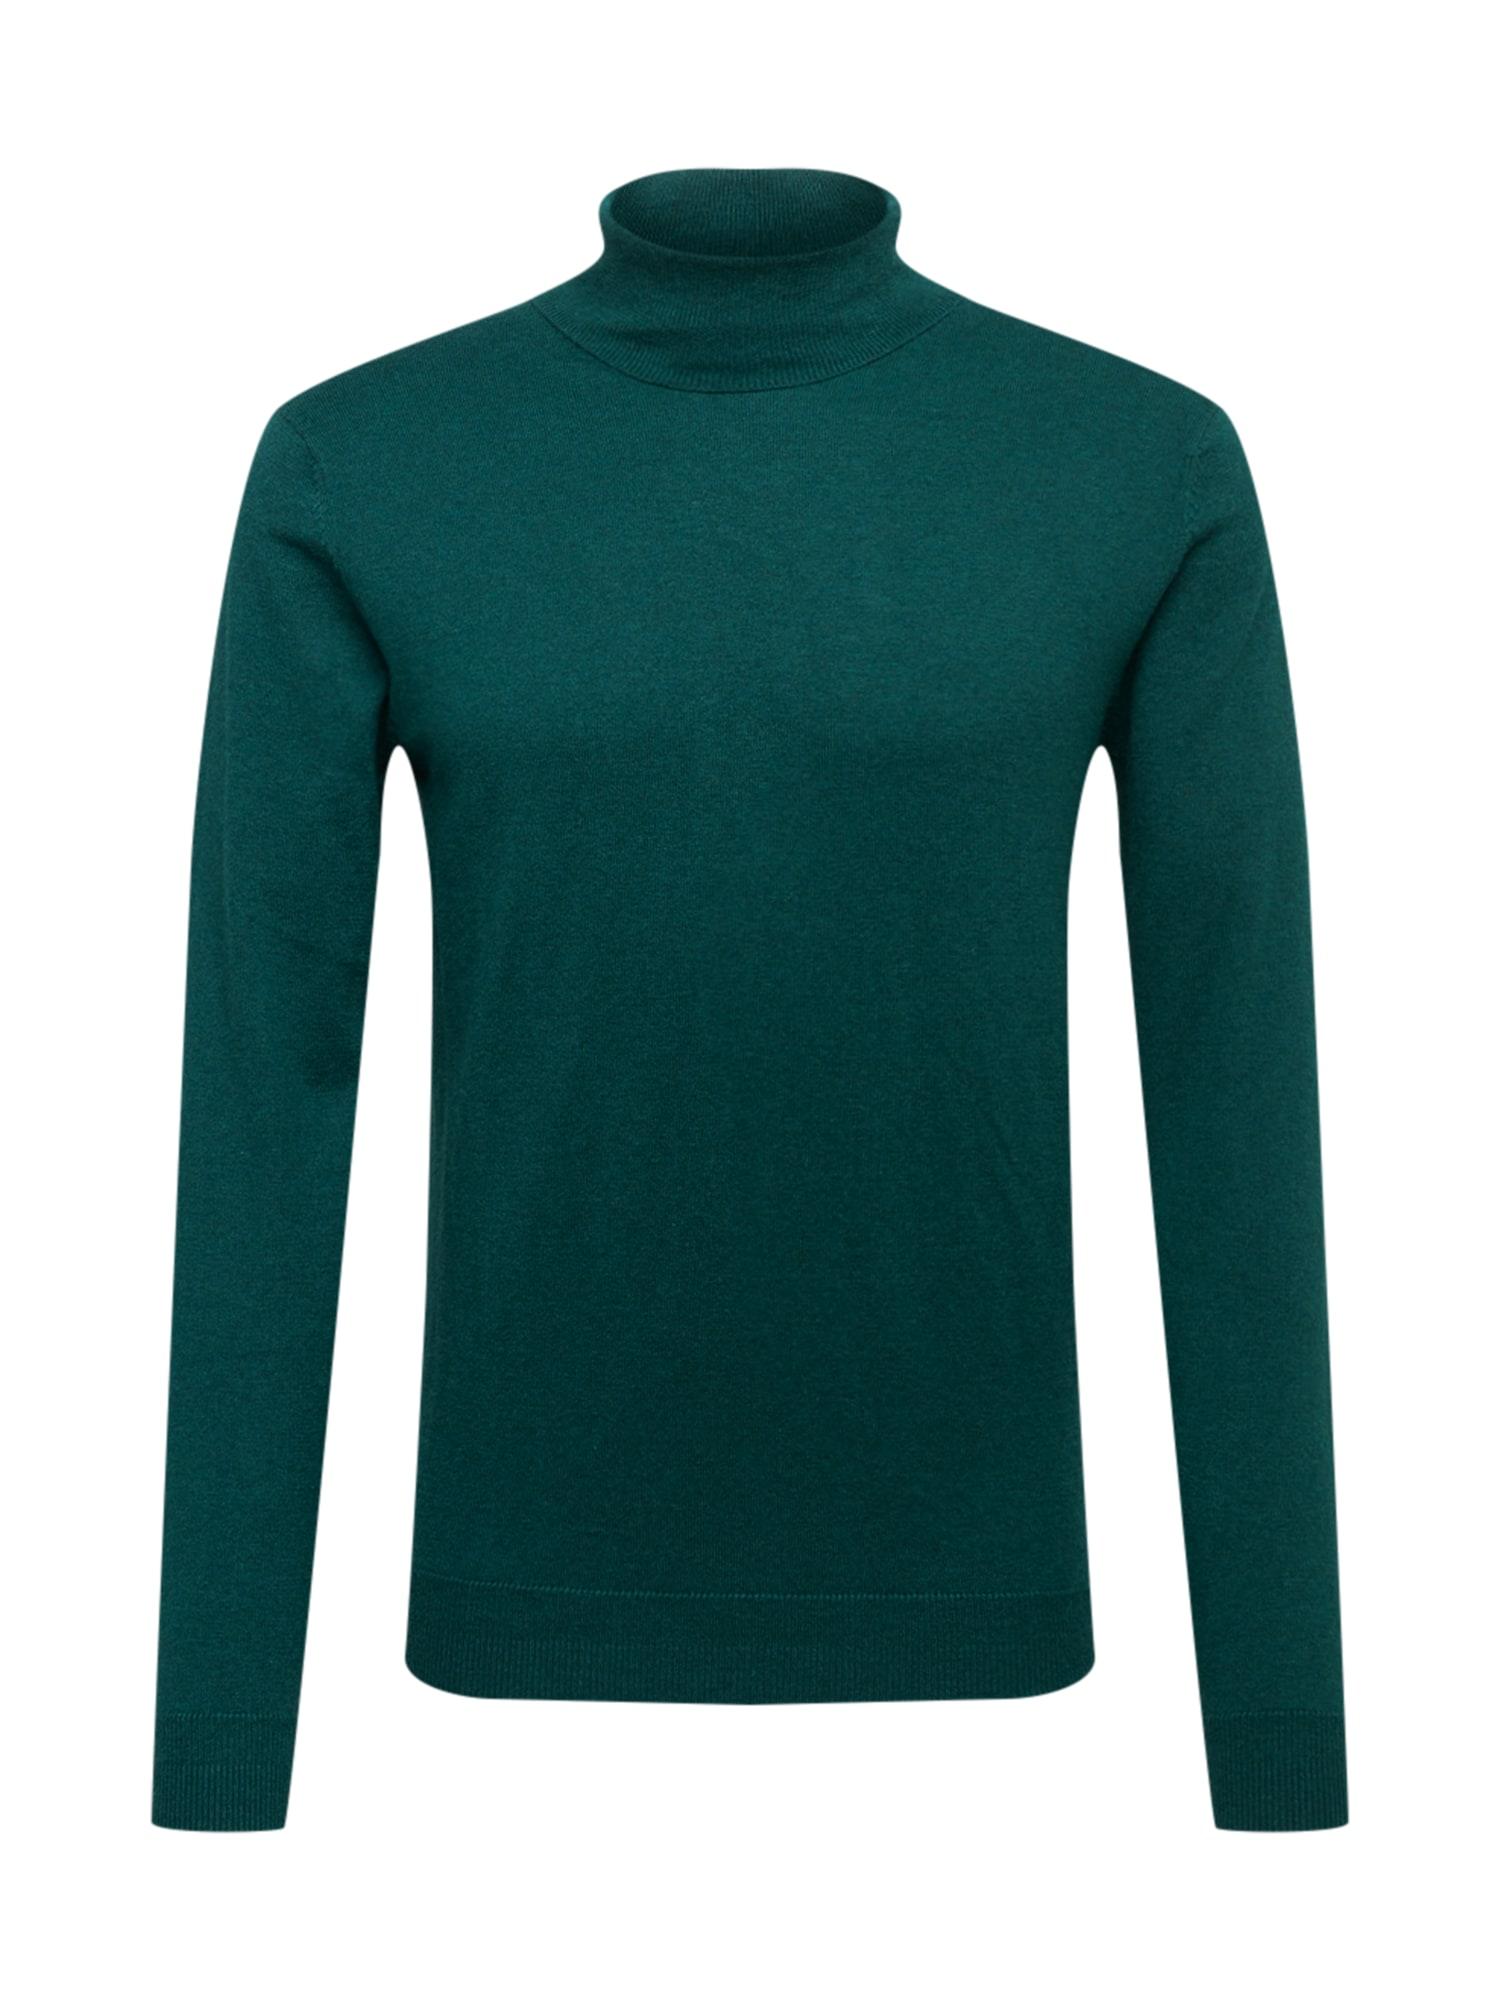 ESPRIT Megztinis tamsiai žalia